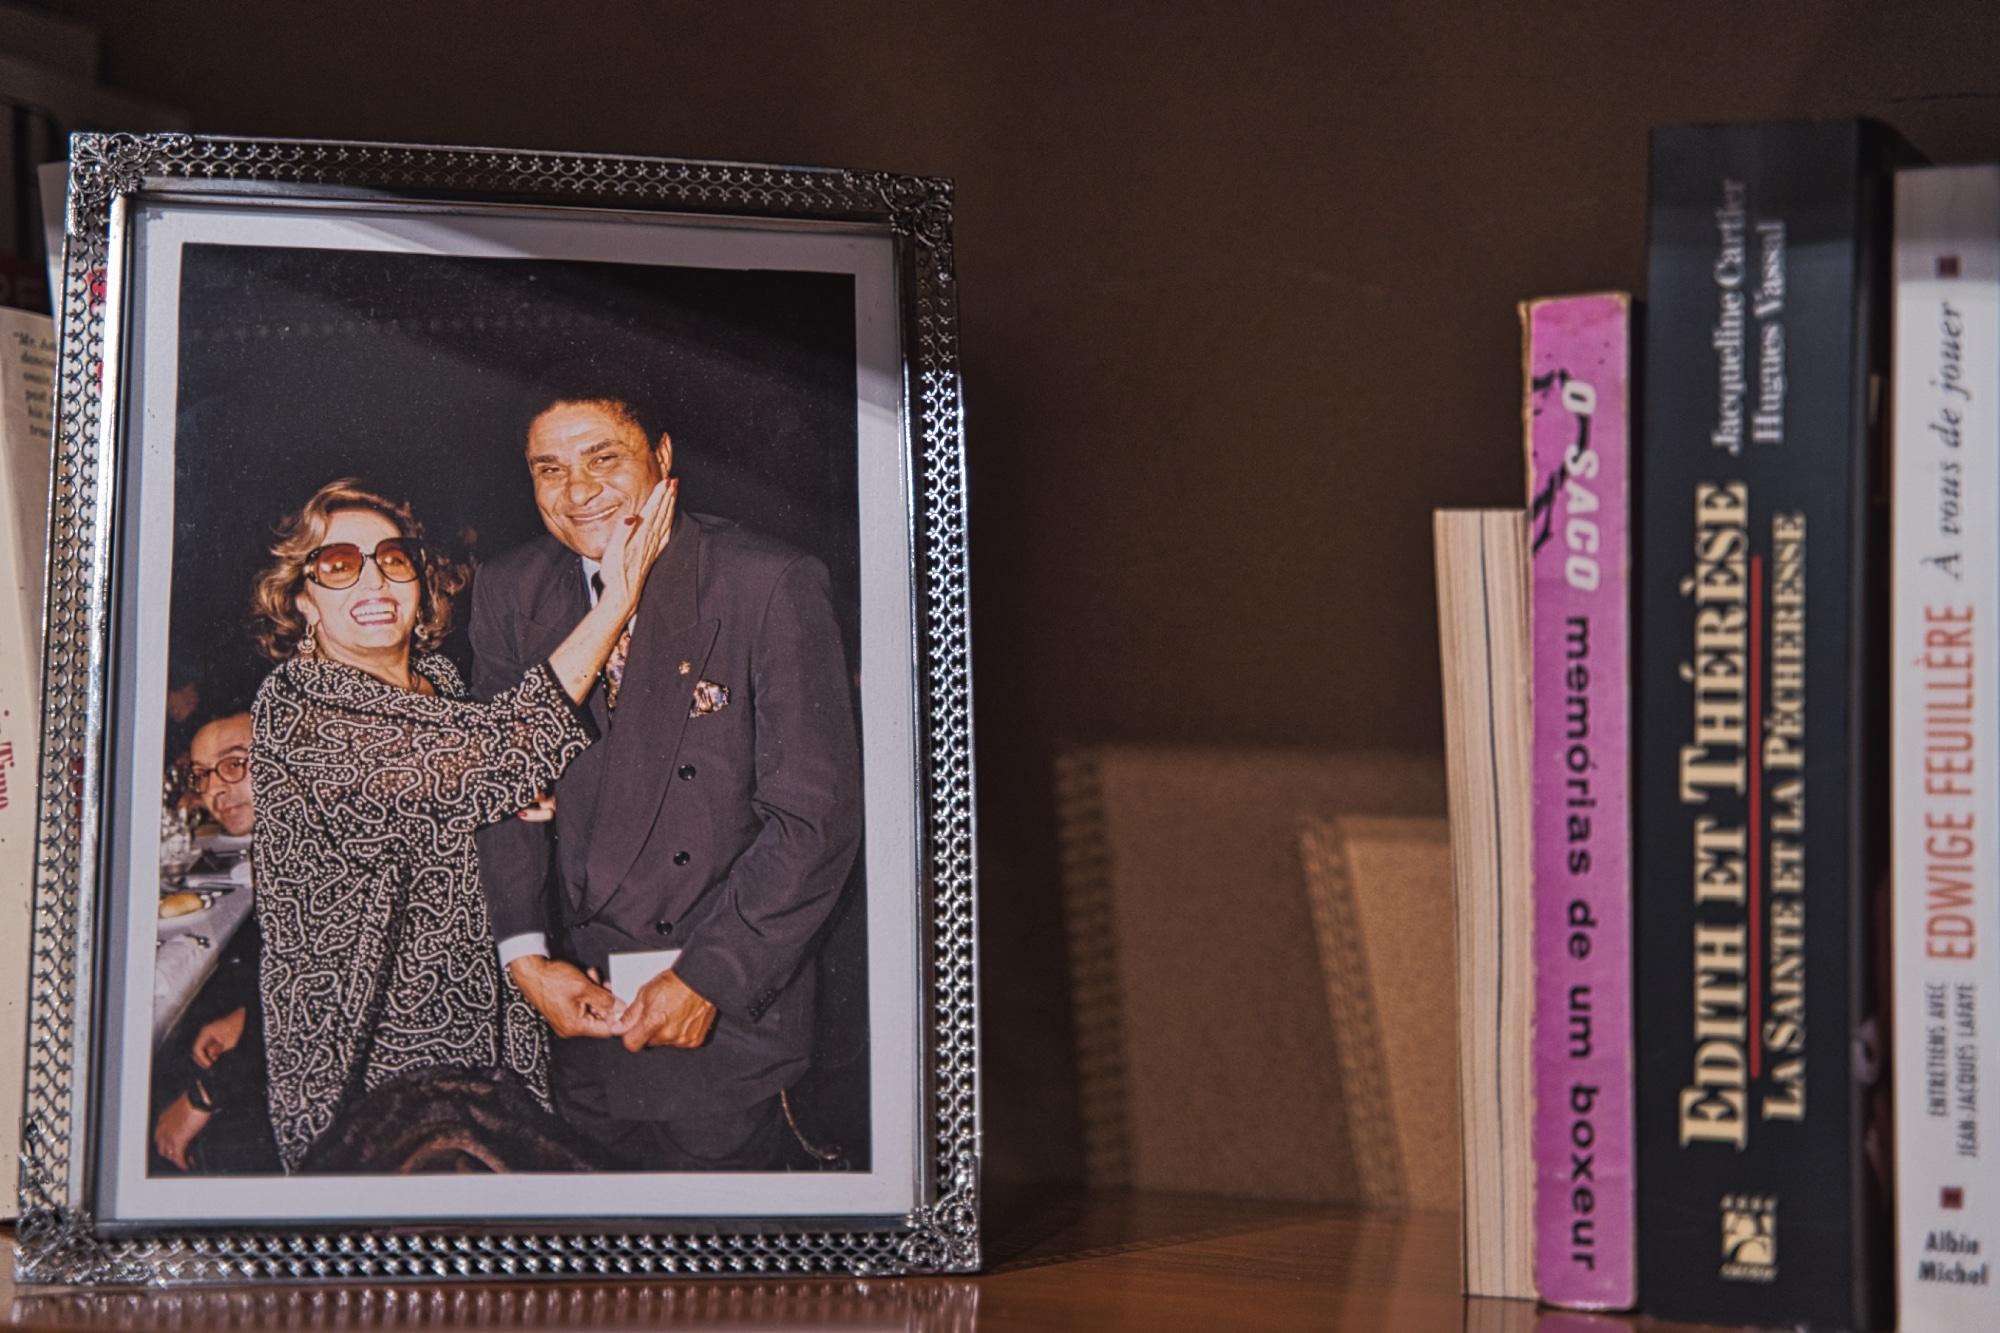 Aqui, numa fotografia com o Pantera Negra, Eusébio, dois dos maiores ícones da sociedade portuguesa da altura